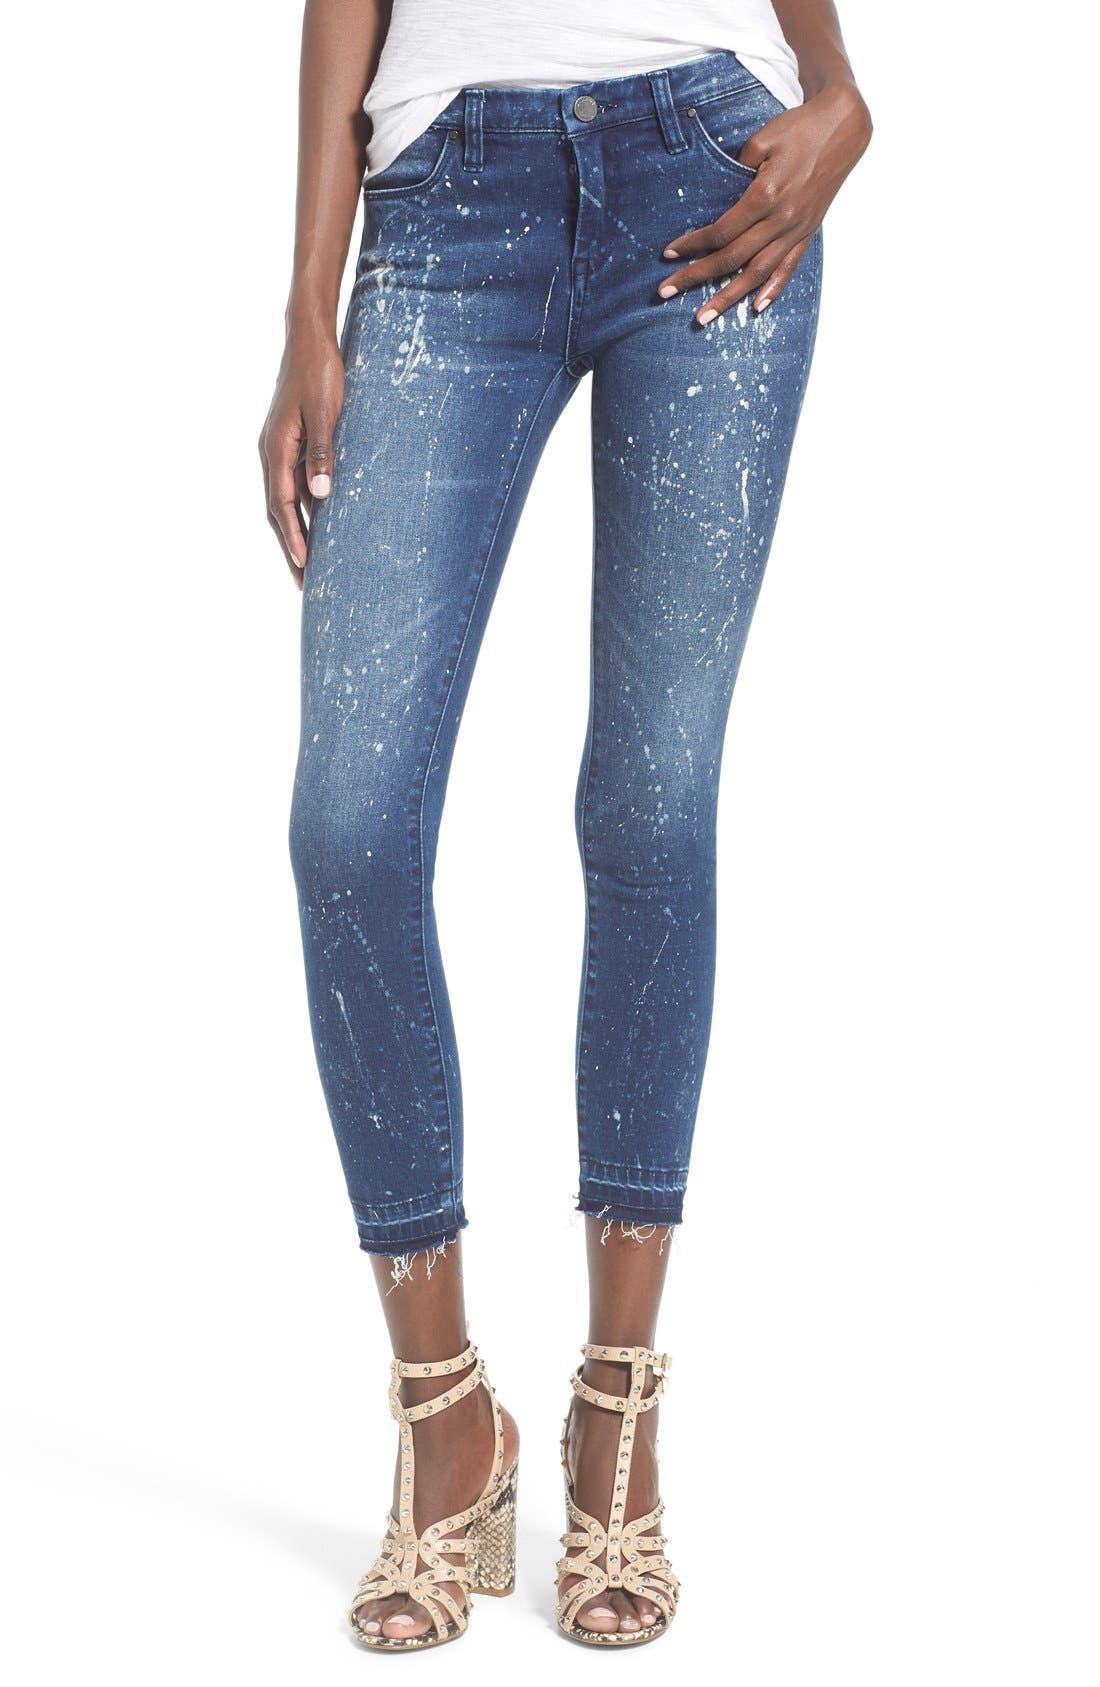 Alternate Image 1 Selected - BLANKNYC Paint Splatter Crop Skinny Jeans (Reef Blower)